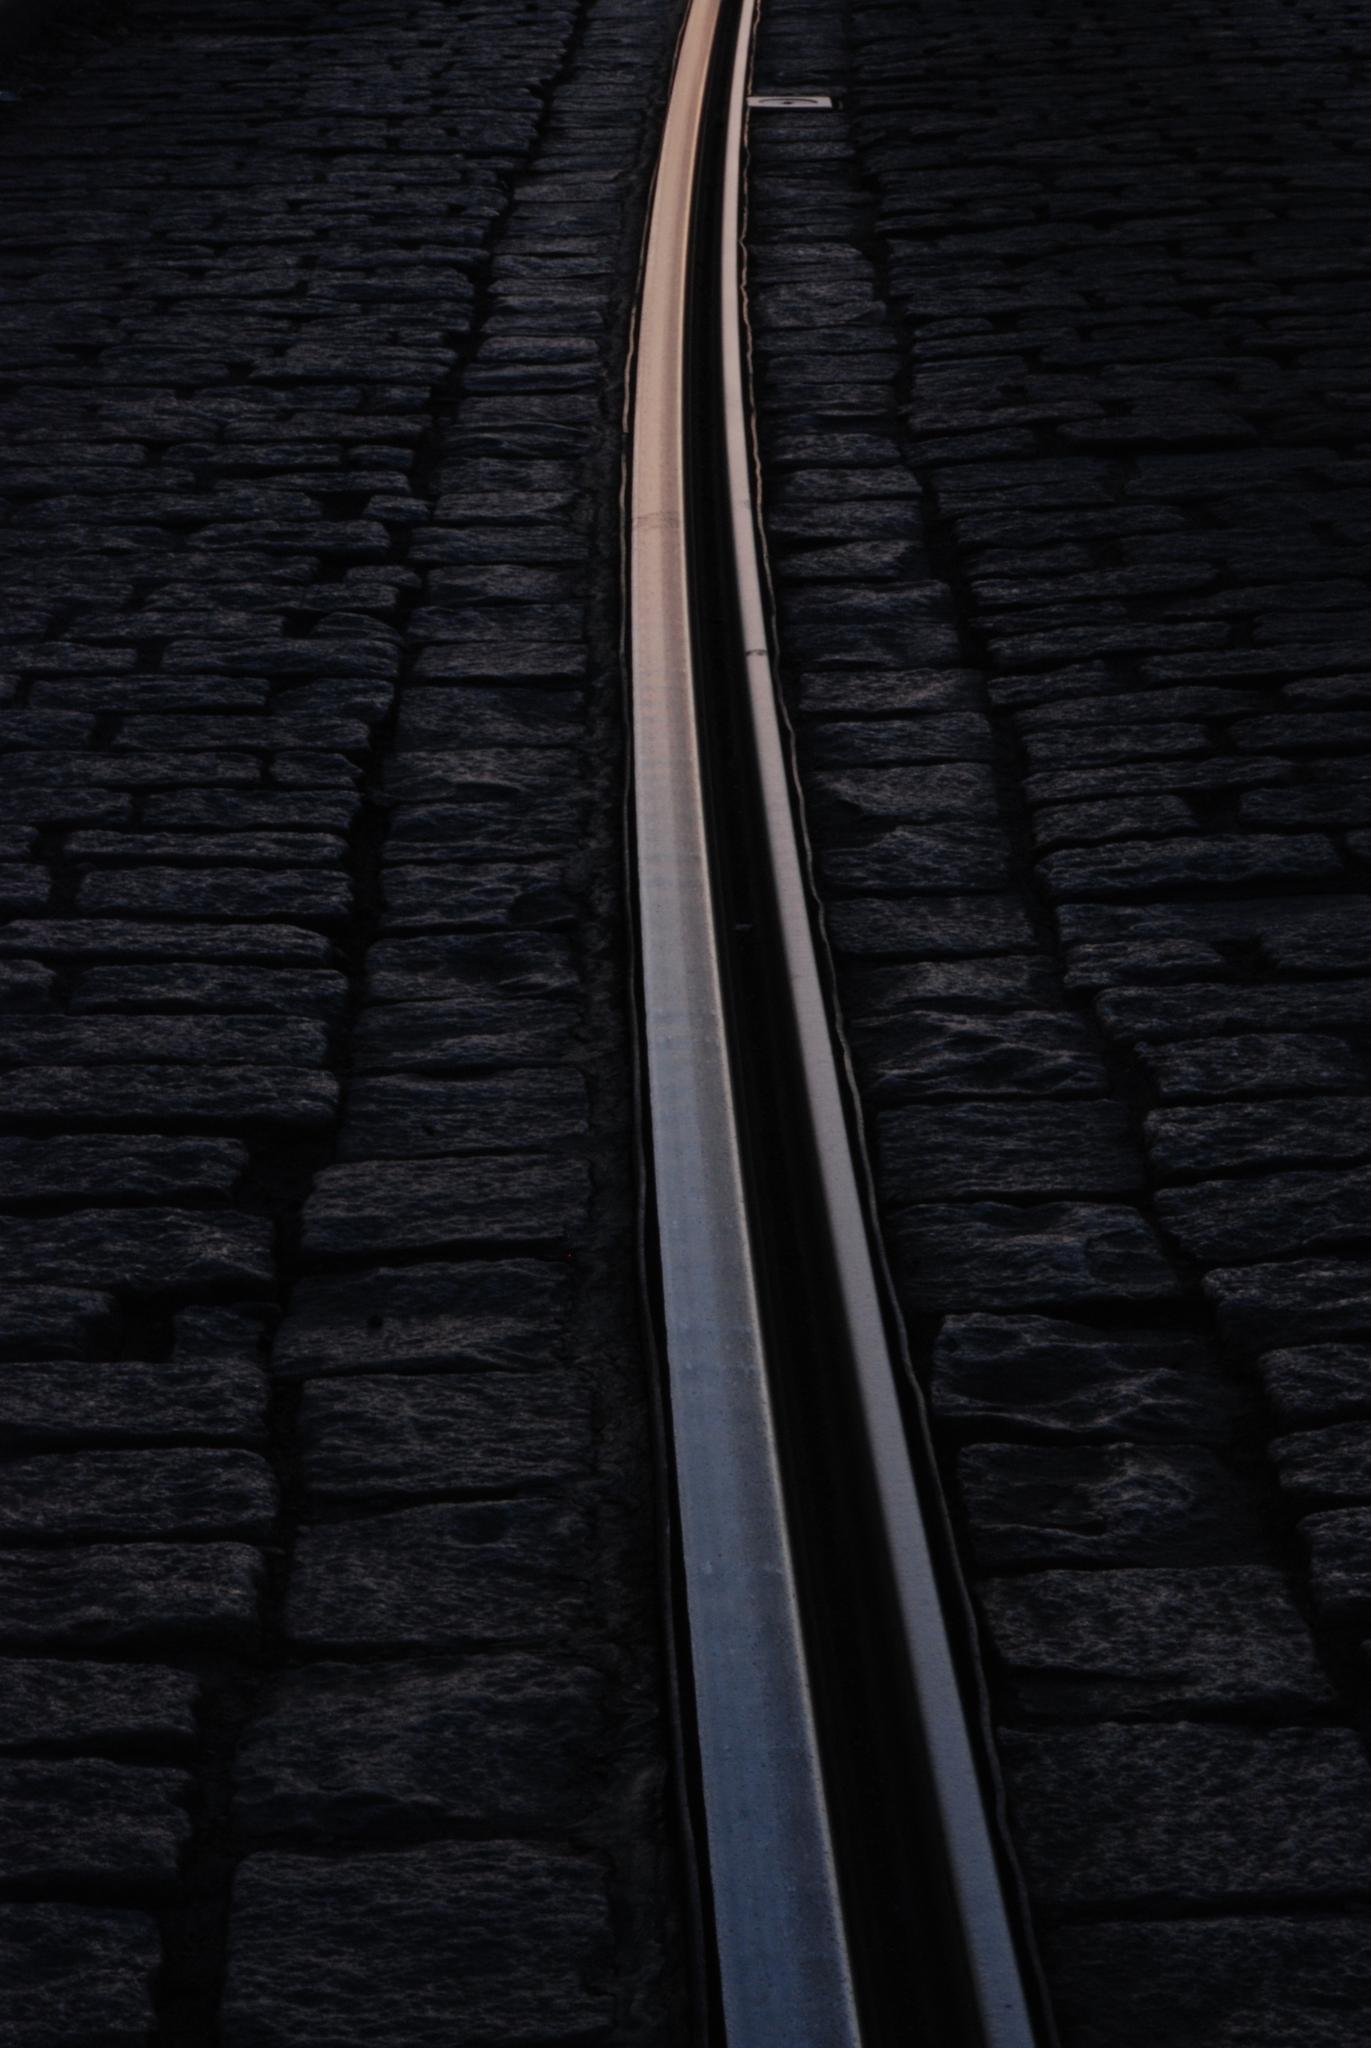 Tram tracks by Helge Skogsrud